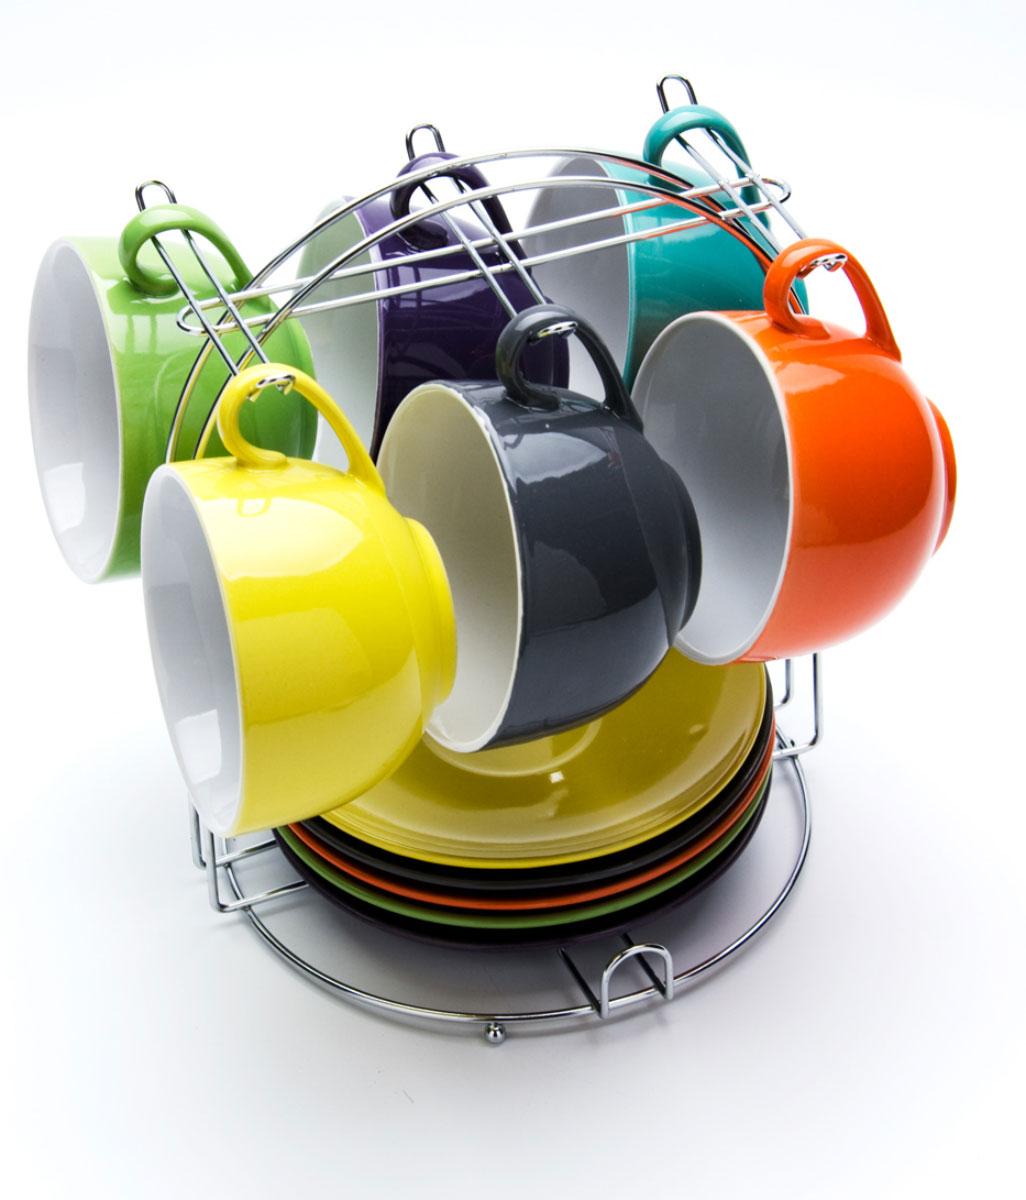 Набор чашек Loraine, на подставке, 13 предметов. 2313423134Хозяюшки, которые любят яркие сервизы в сервировке стола! Вашему вниманию представляется набор цветных керамических чашечек с блюдечками. Чашечки легко хранить в специальной подставке,которые на кухне не займут много места. Цветовая гамма набора: оранжевая, желтая, салатовая, голубая, синяя, фиолетовая. Объем чашки: 350 мл.